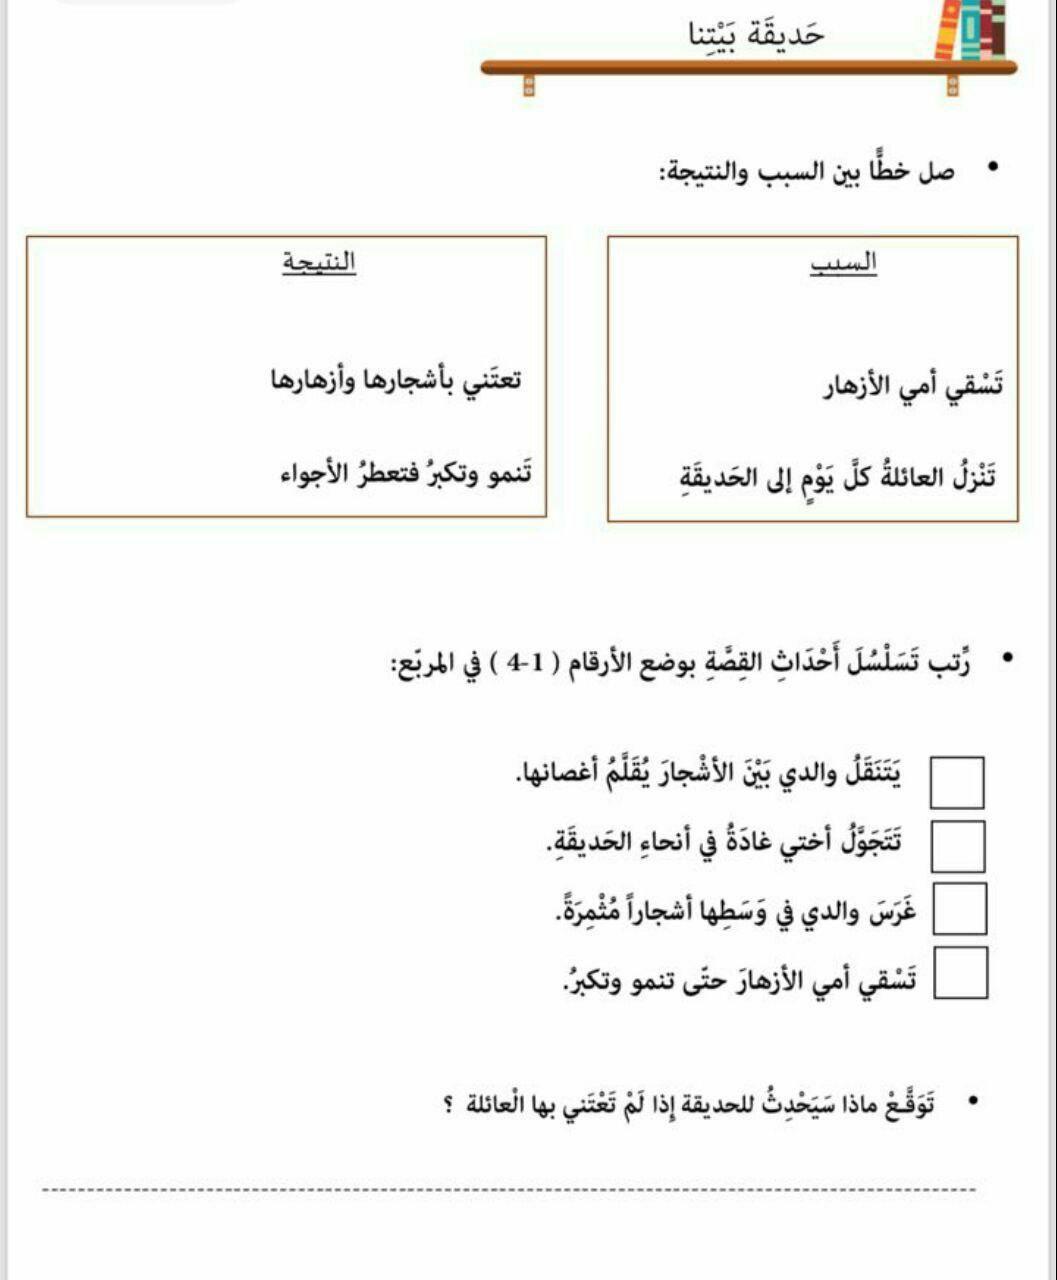 مدونة تعلم نصوص تدريبية في اللغة العربية للصف الثاني الفصل الدراسي الثاني2018 Arabic Language Teaching Language